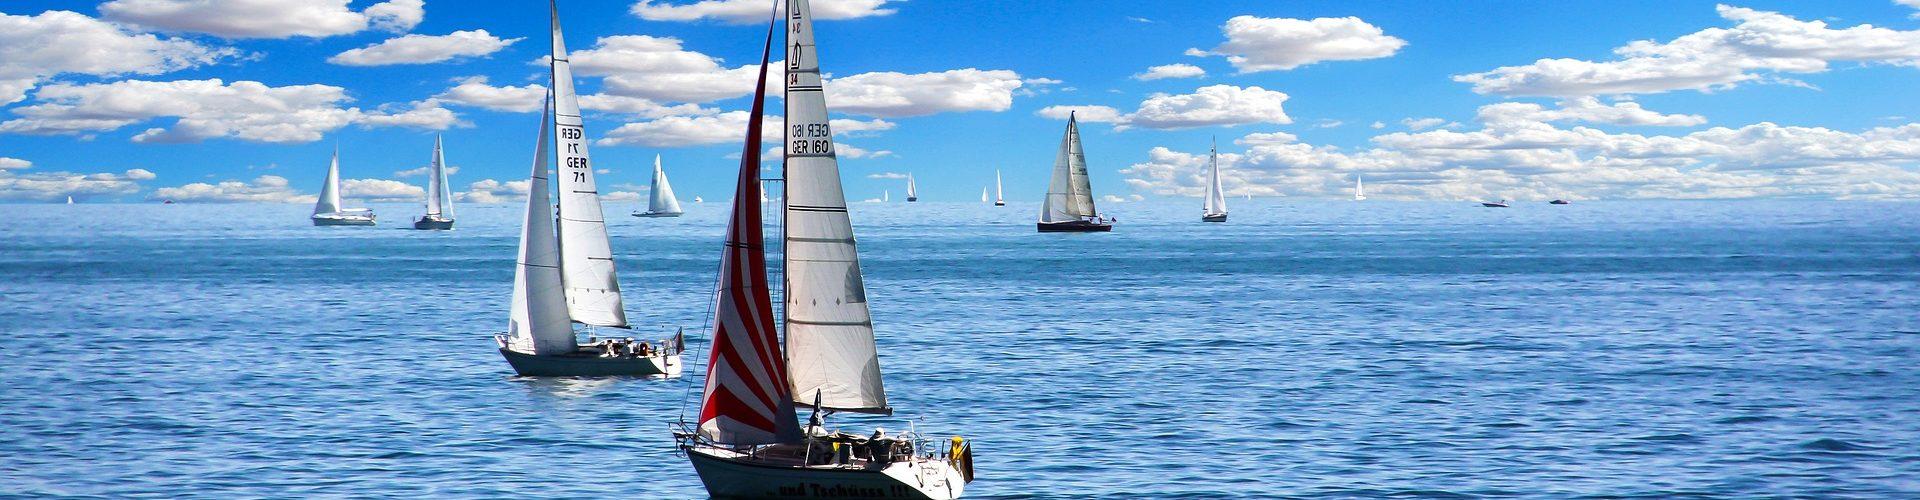 segeln lernen in Waddeweitz Kiefen segelschein machen in Waddeweitz Kiefen 1920x500 - Segeln lernen in Waddeweitz Kiefen